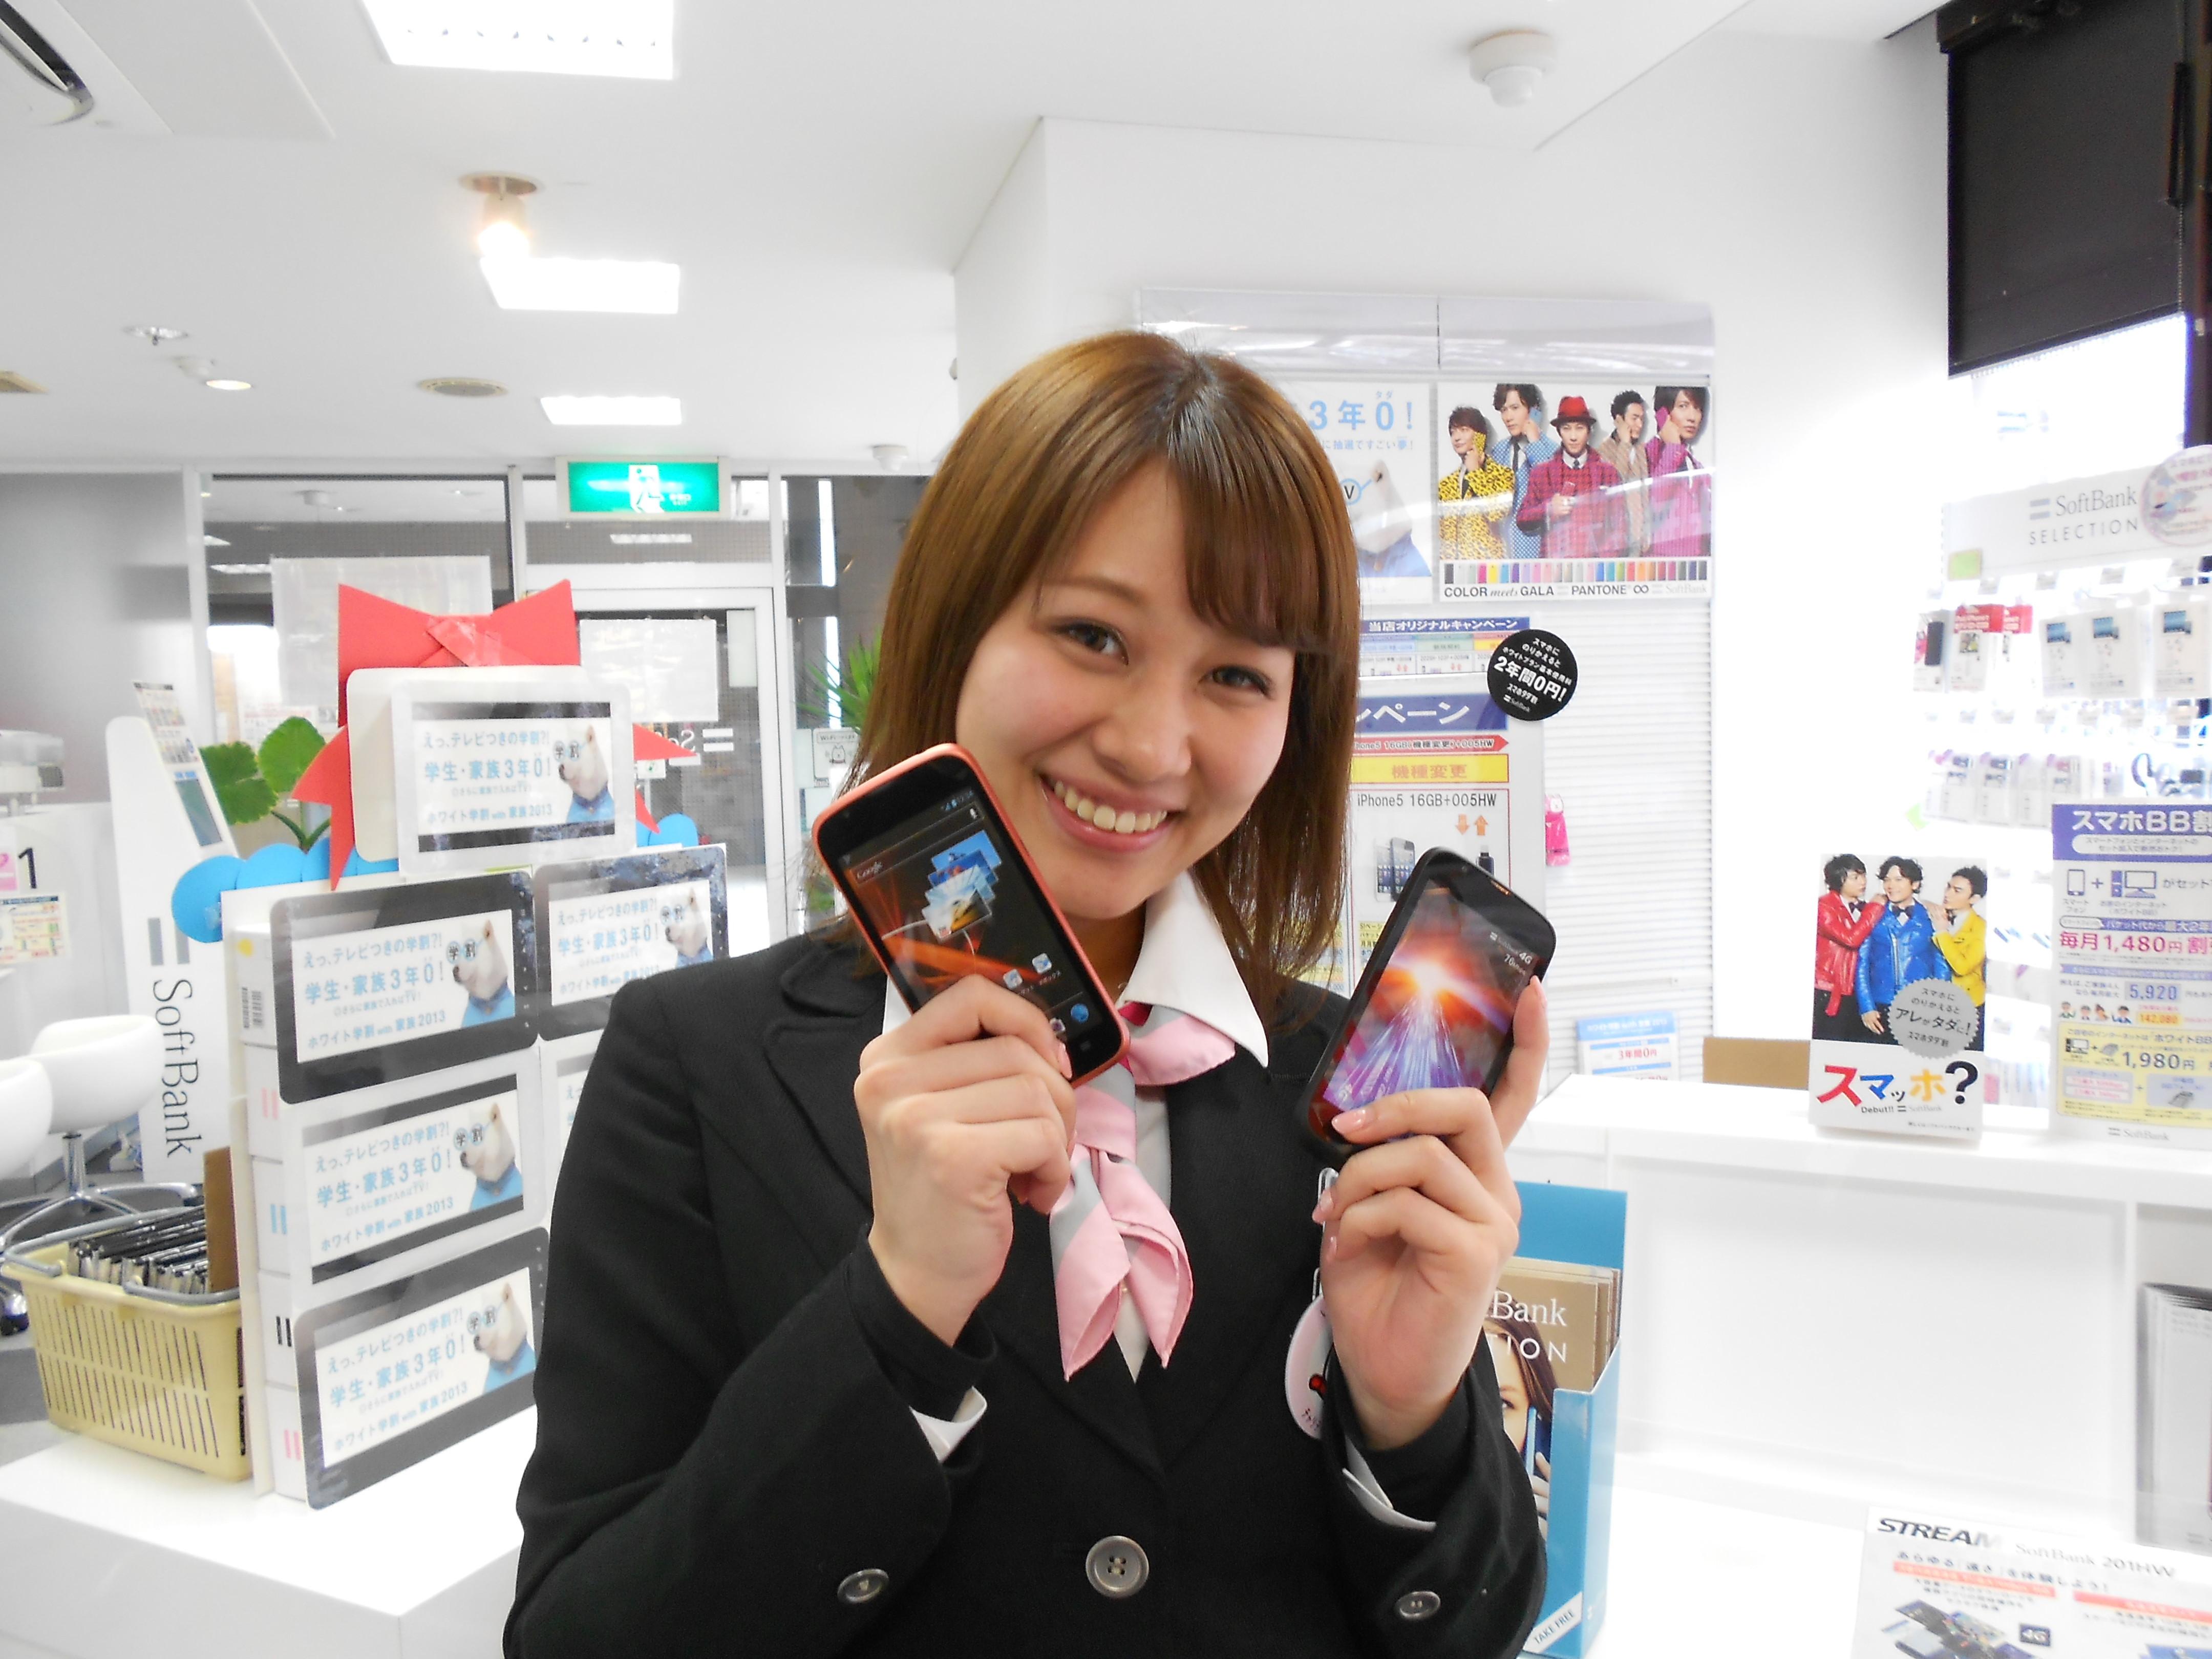 ソフトバンク 霞ヶ関(株式会社シエロ)のアルバイト情報